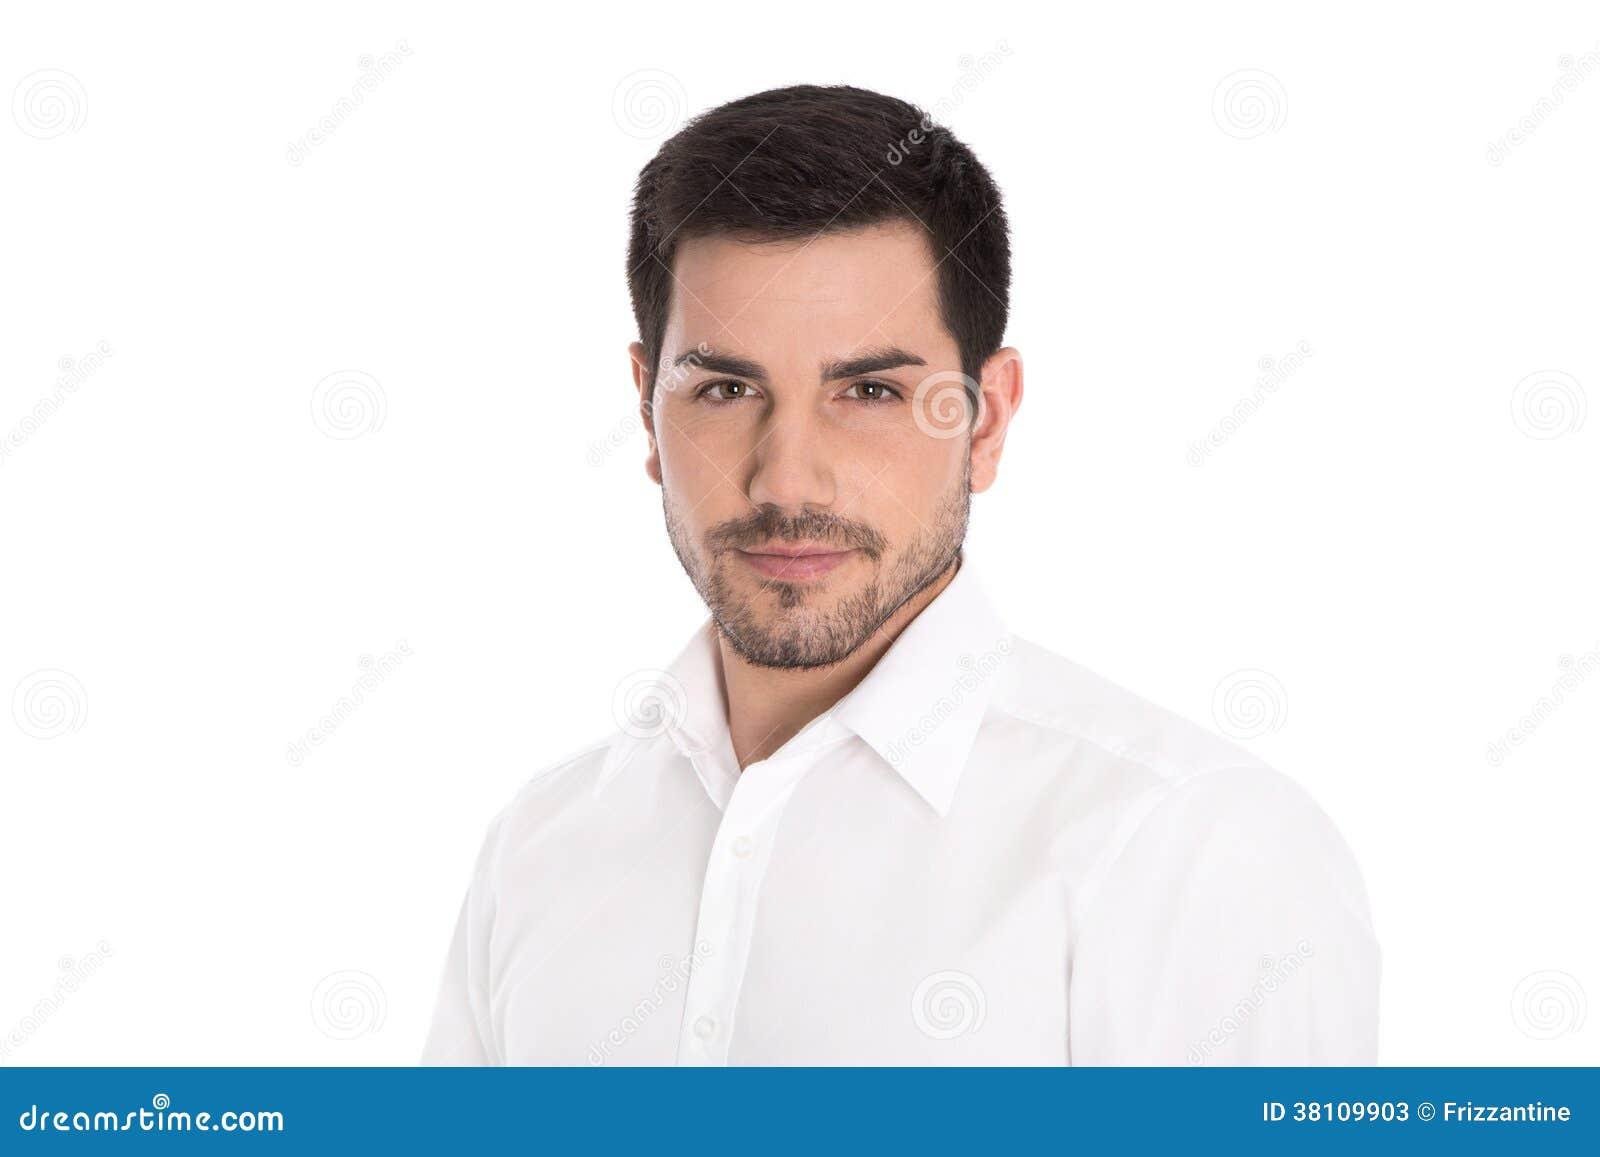 Retrato del hombre de negocios atractivo acertado aislado en blanco.